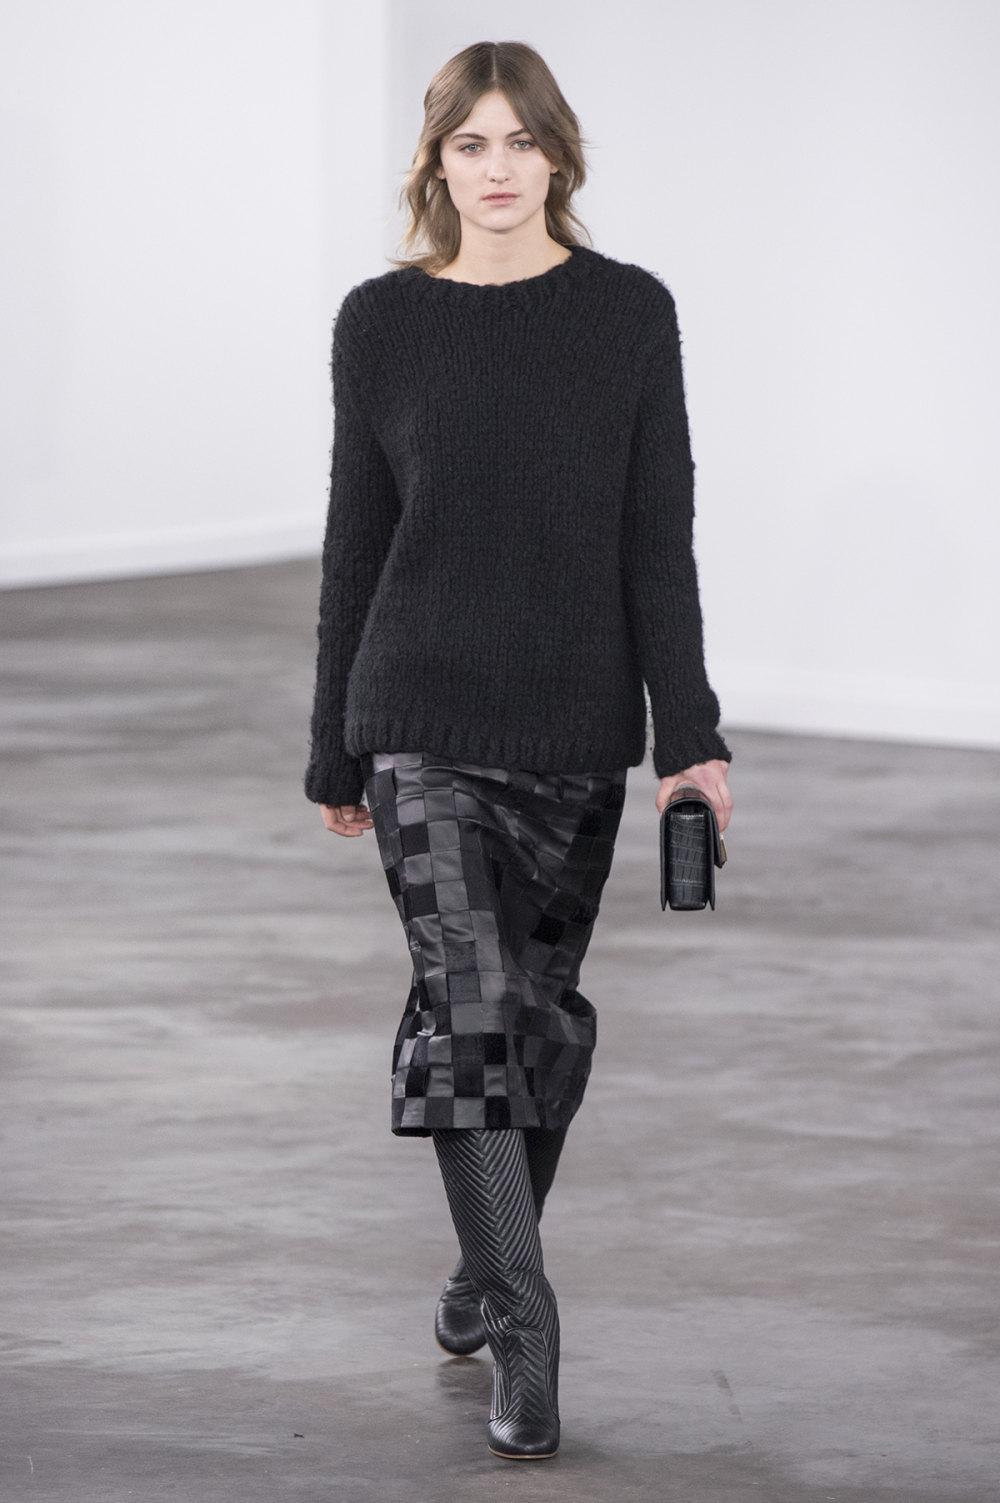 Gabriela Hearst时装系列细条纹西装和宽大毛衣之间形成鲜明对比-10.jpg